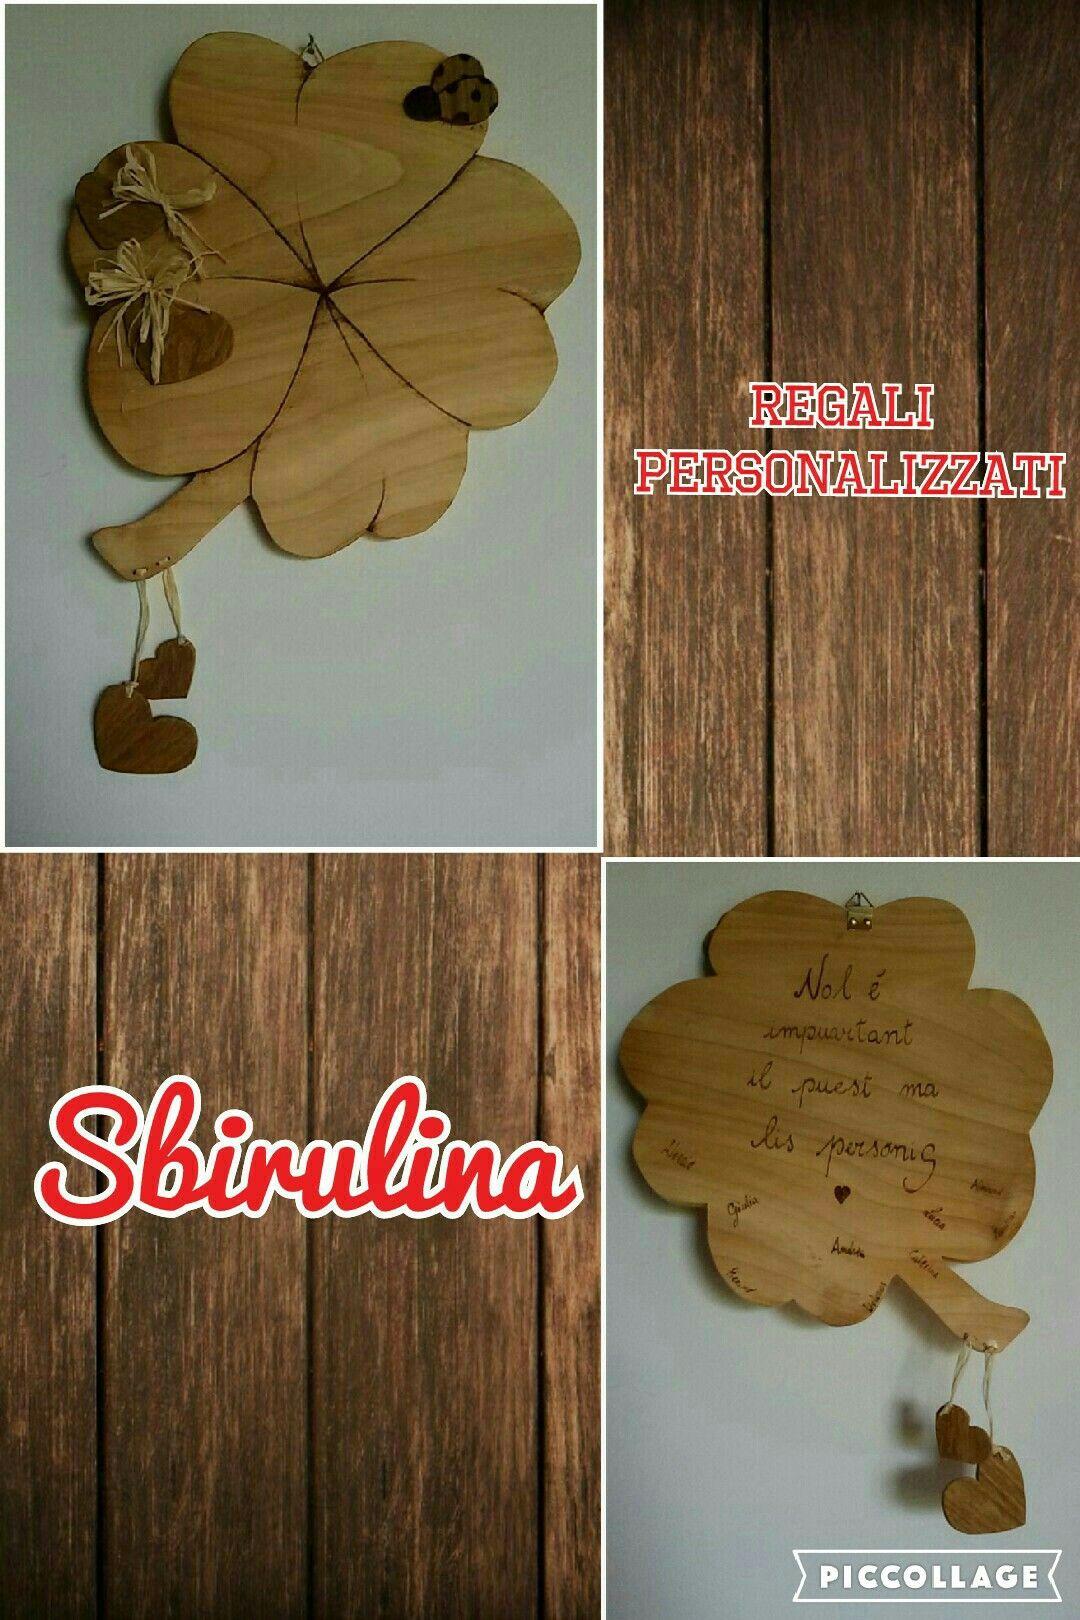 Quadrifoglio portafortuna fatto a mano traforo handmade by sbirulina legno